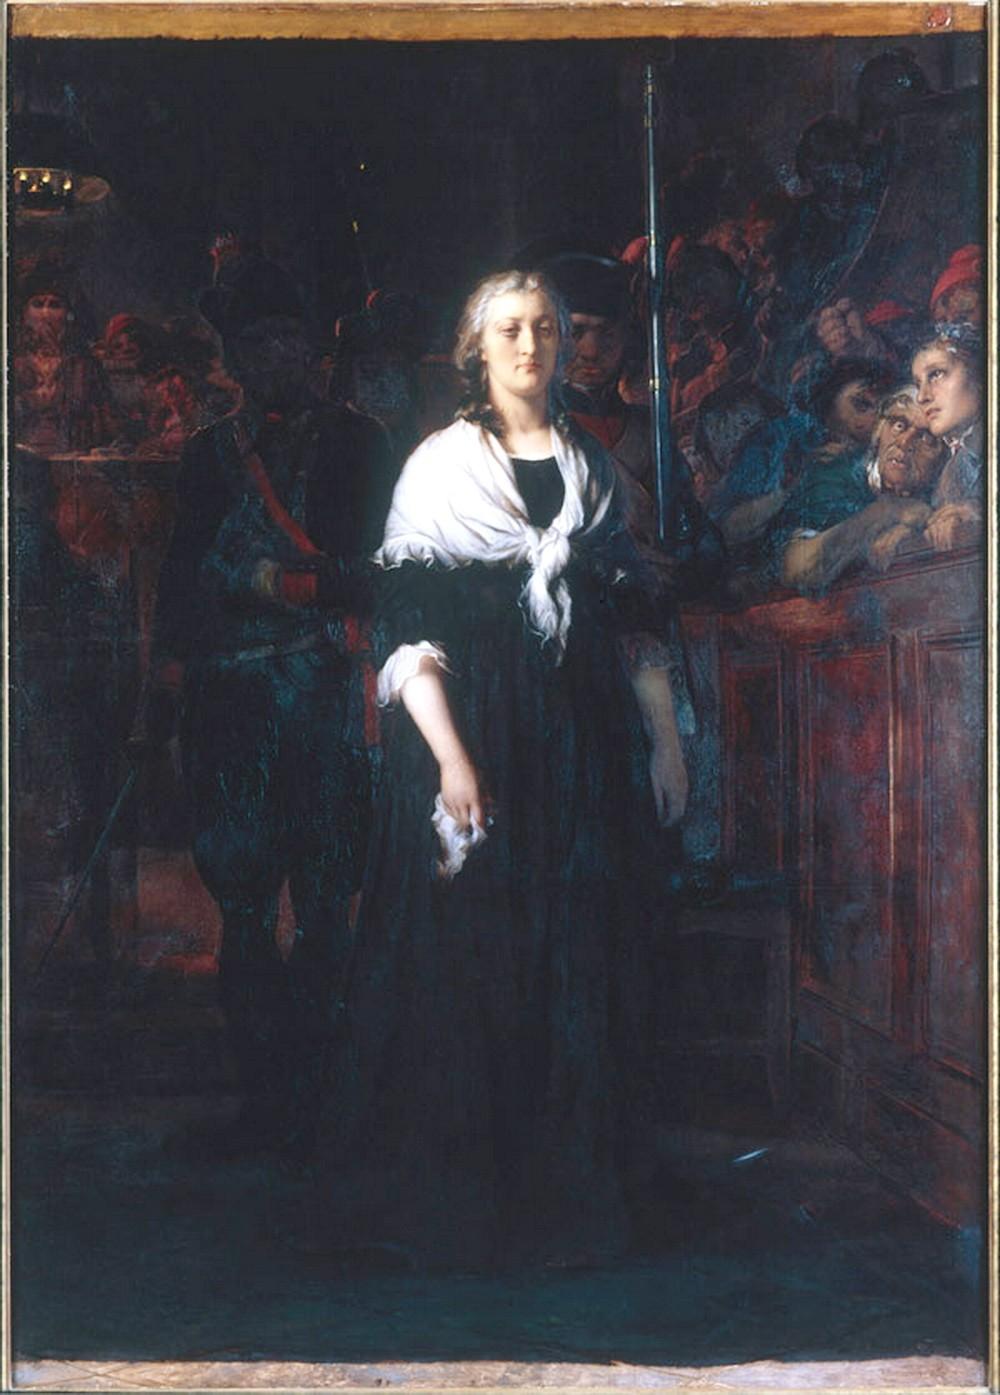 Le procès de Marie-Antoinette illustré par Paul Delaroche Delaro10